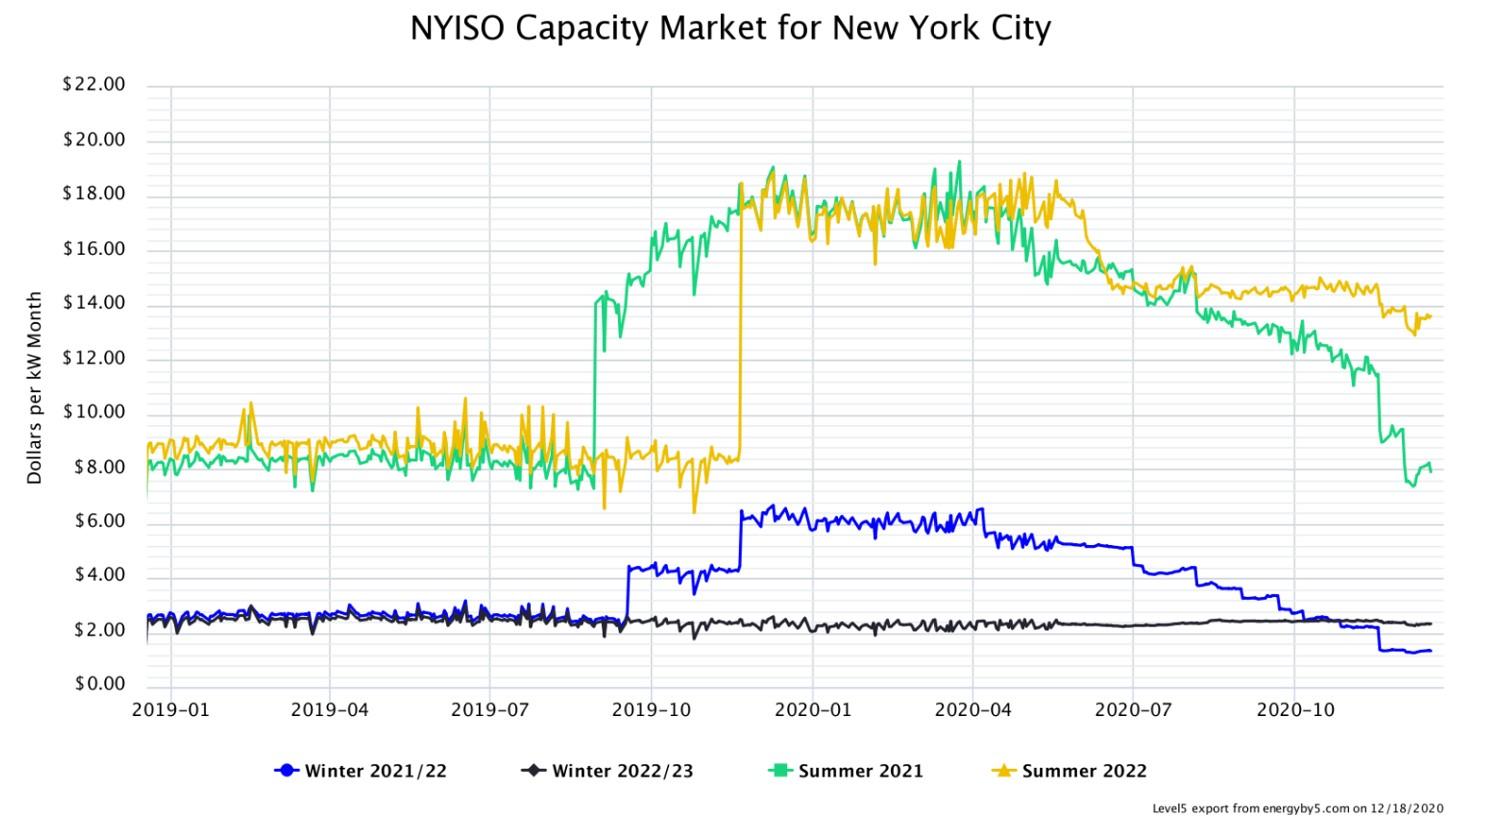 NYISO Capacity Market for New York City